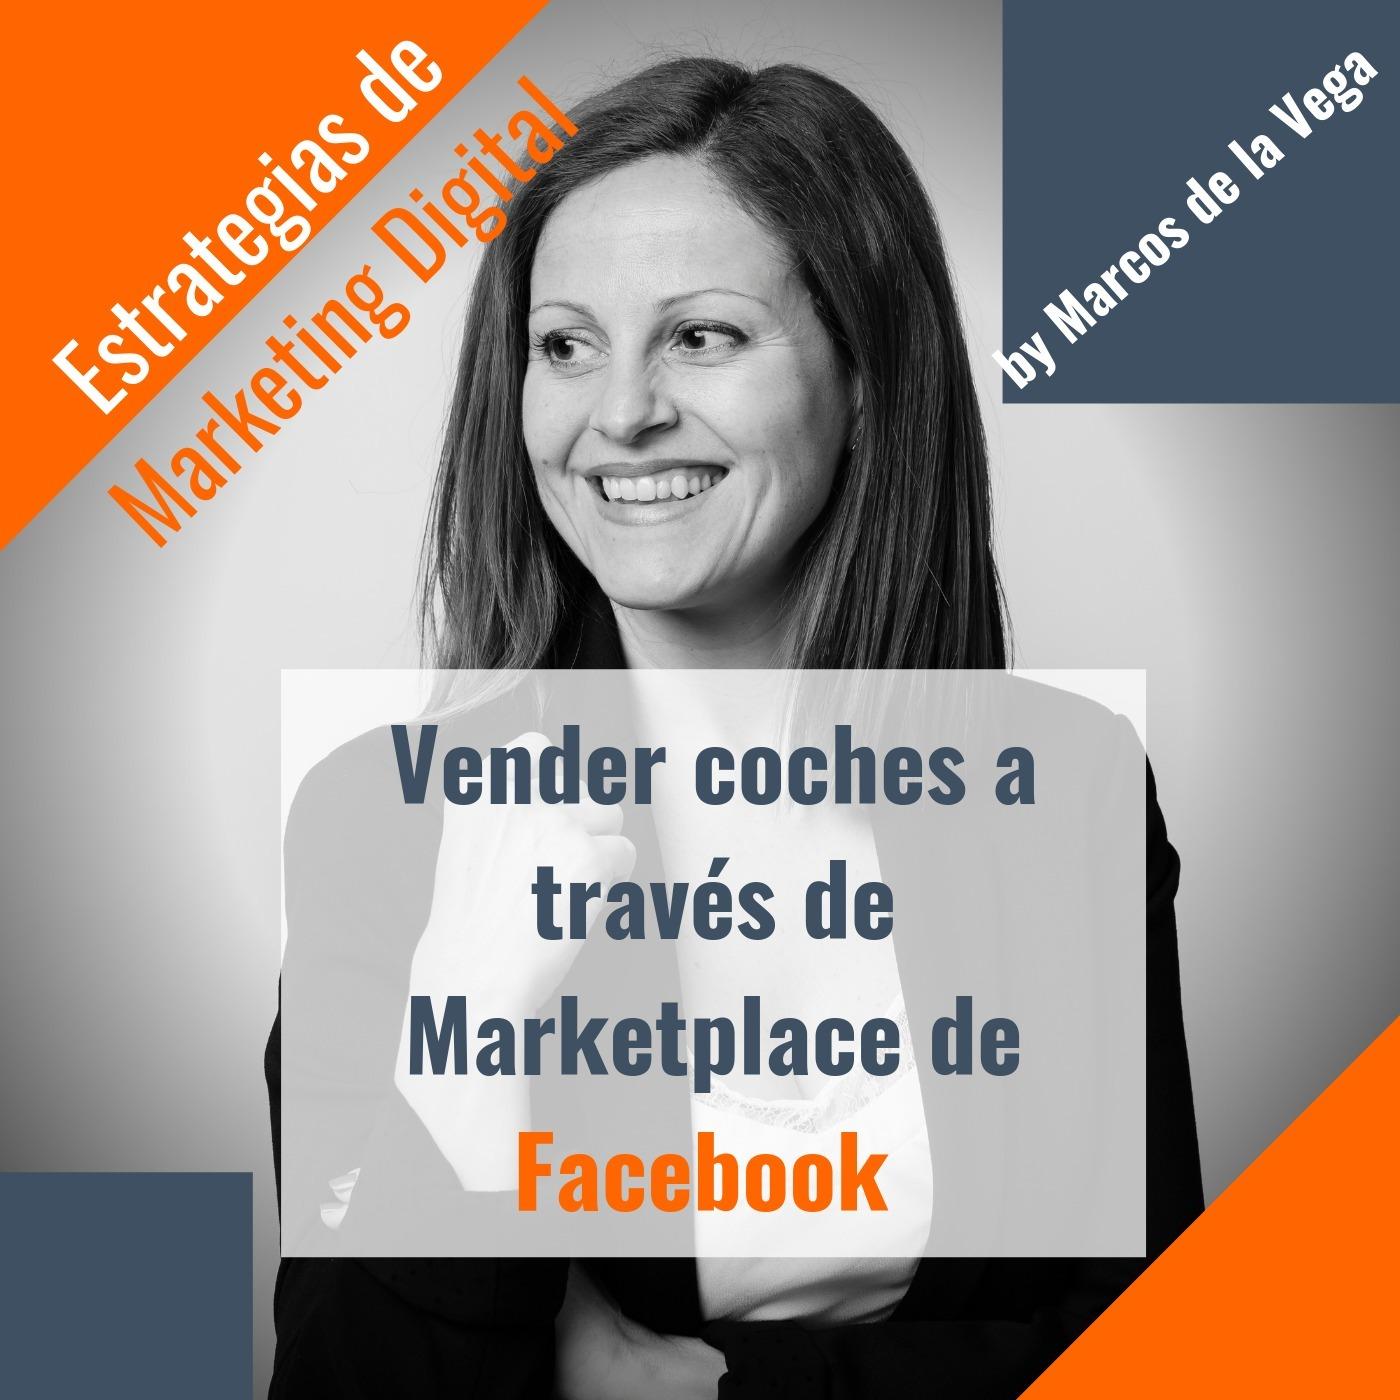 Episodio 6 -Vender coches en Marketplace de Facebook by Toñi Rodriguez